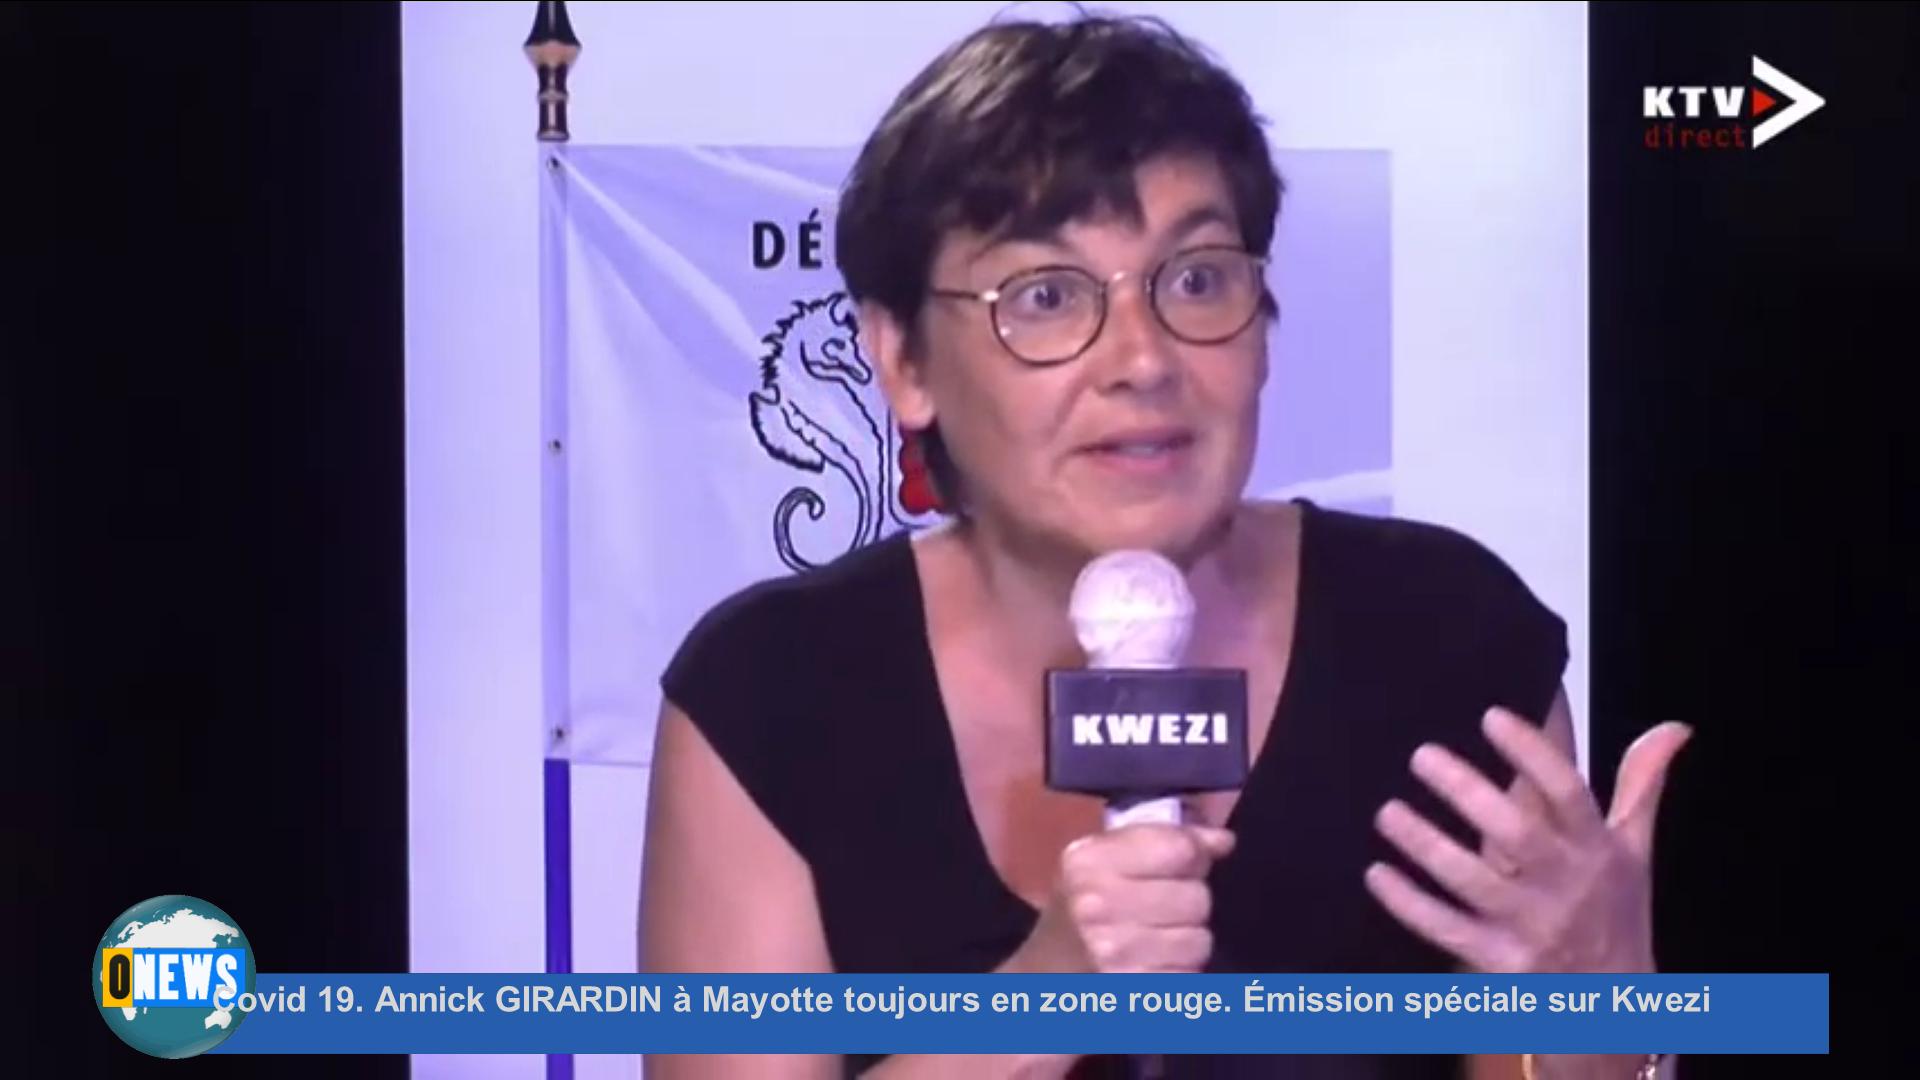 [Vidéo] Onews Mayotte. Covid 19. Annick GIRARDIN à Mayotte toujours en zone rouge. Émission spéciale sur Kwezi